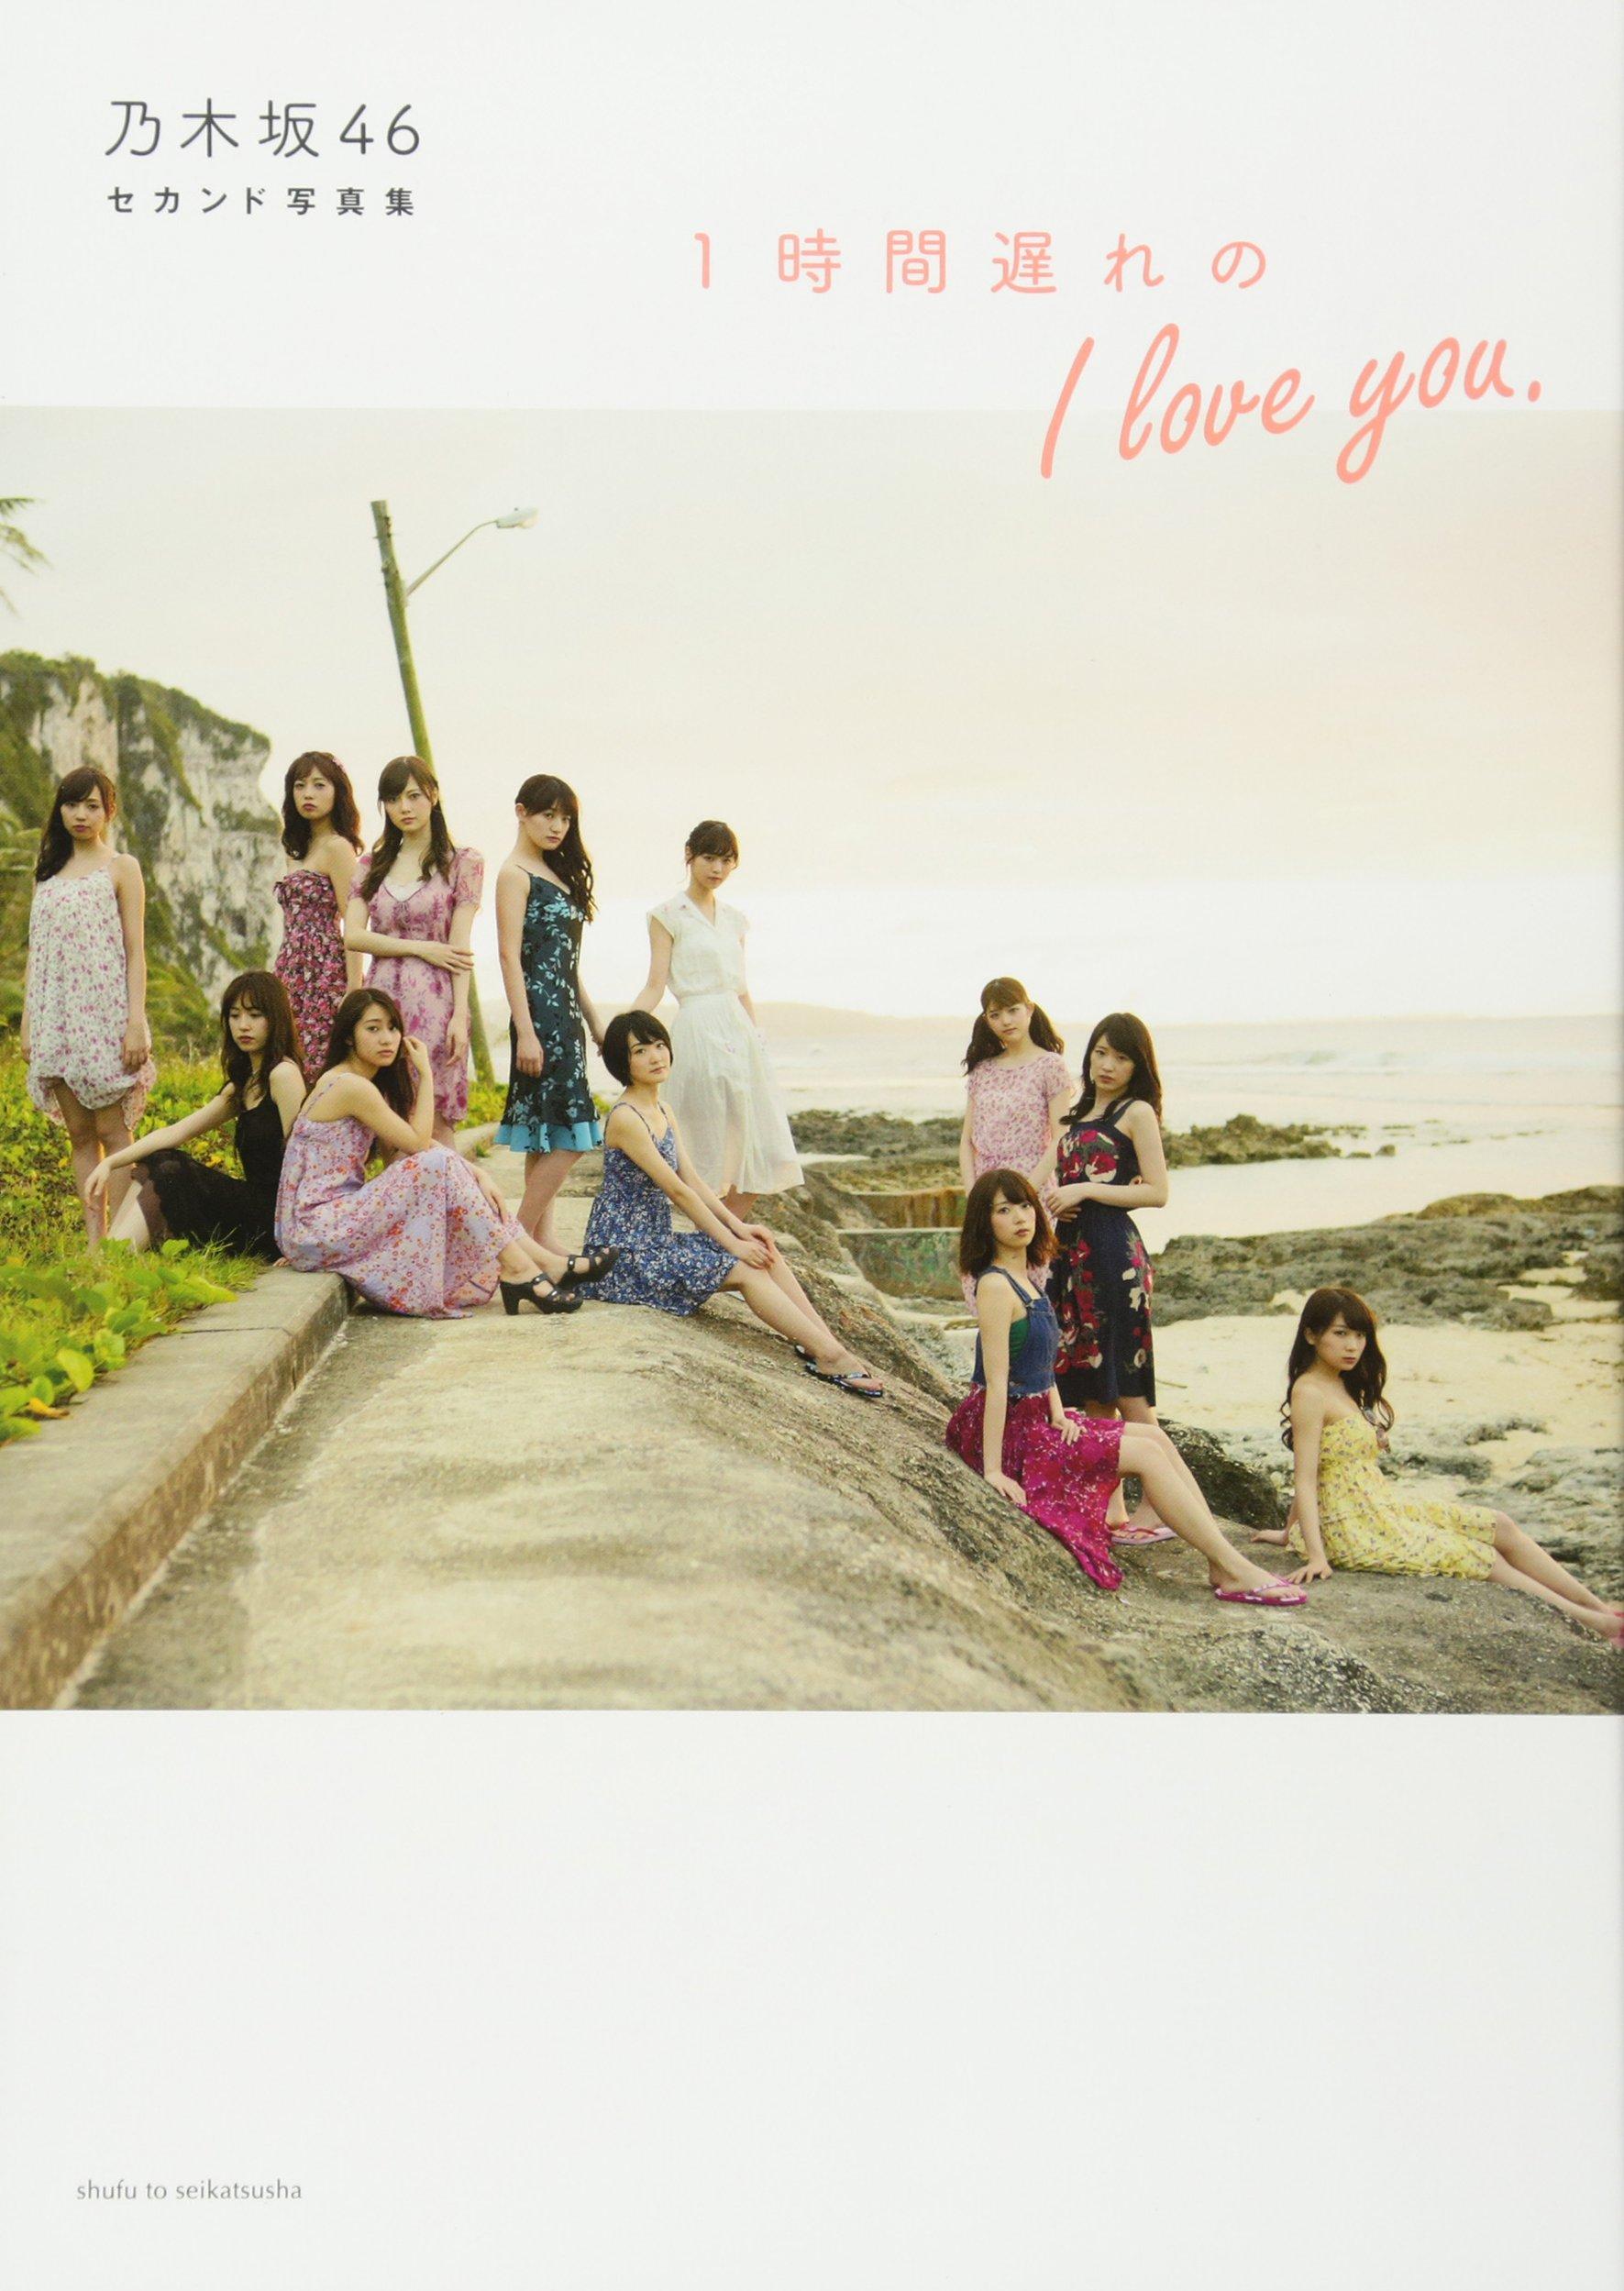 《乃木坂46 セカンド写真集 1時間遅れのI love you》